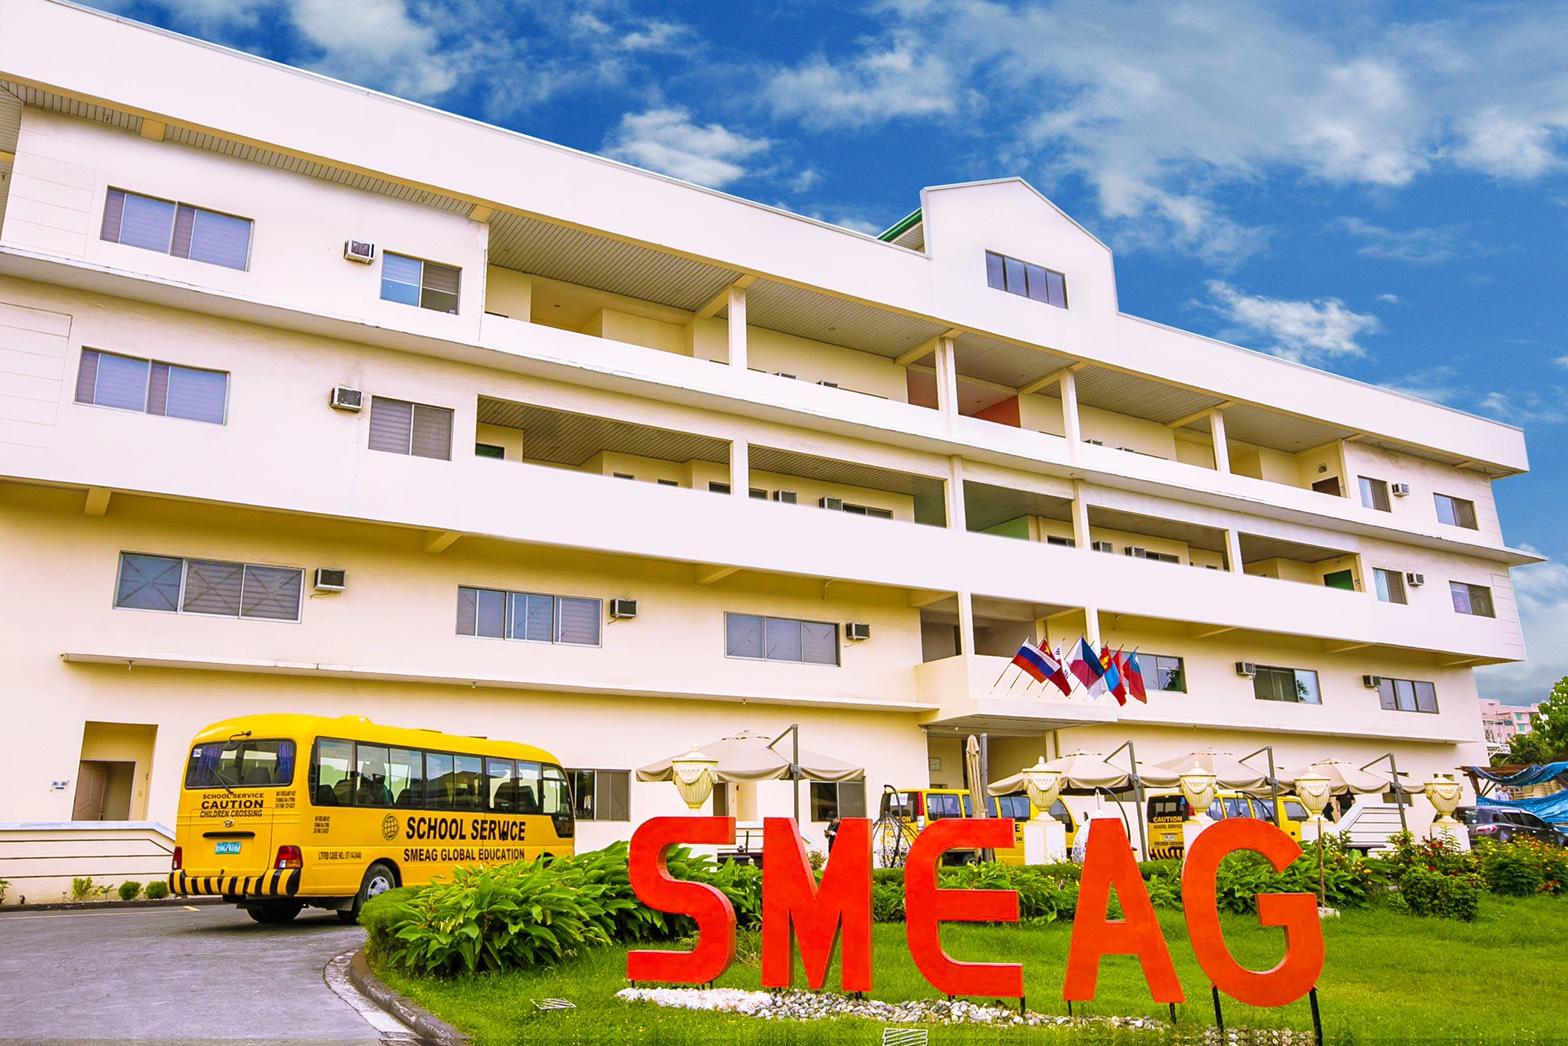 セブ島留学日本人留学実績No.1のSMEAG